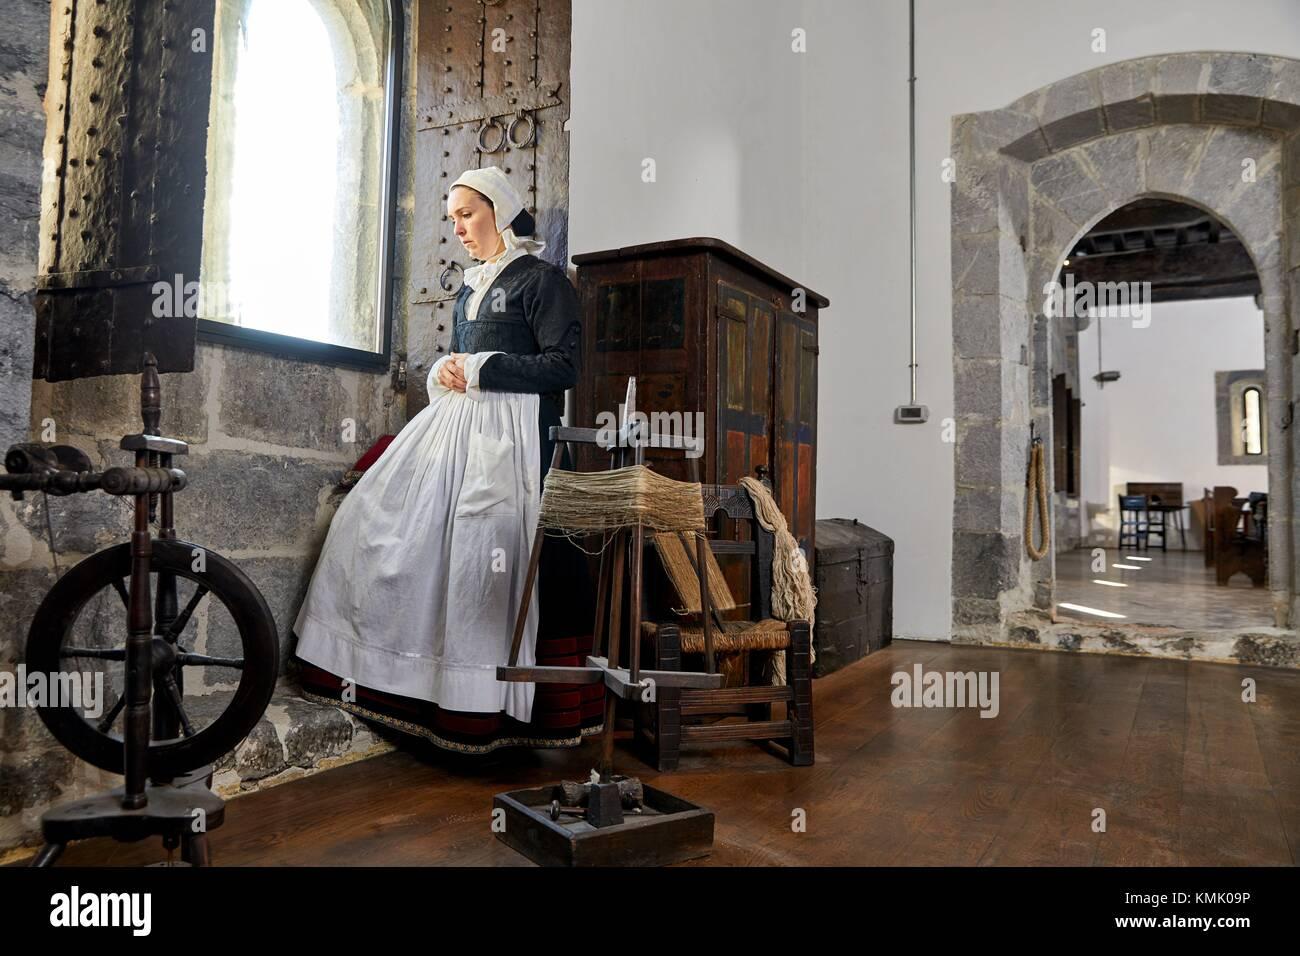 The honor of Lili, Theatrical experience in a historical space, Lili Jauregia, Palacio Lili, Zestoa, Cestona, Gipuzkoa, - Stock Image